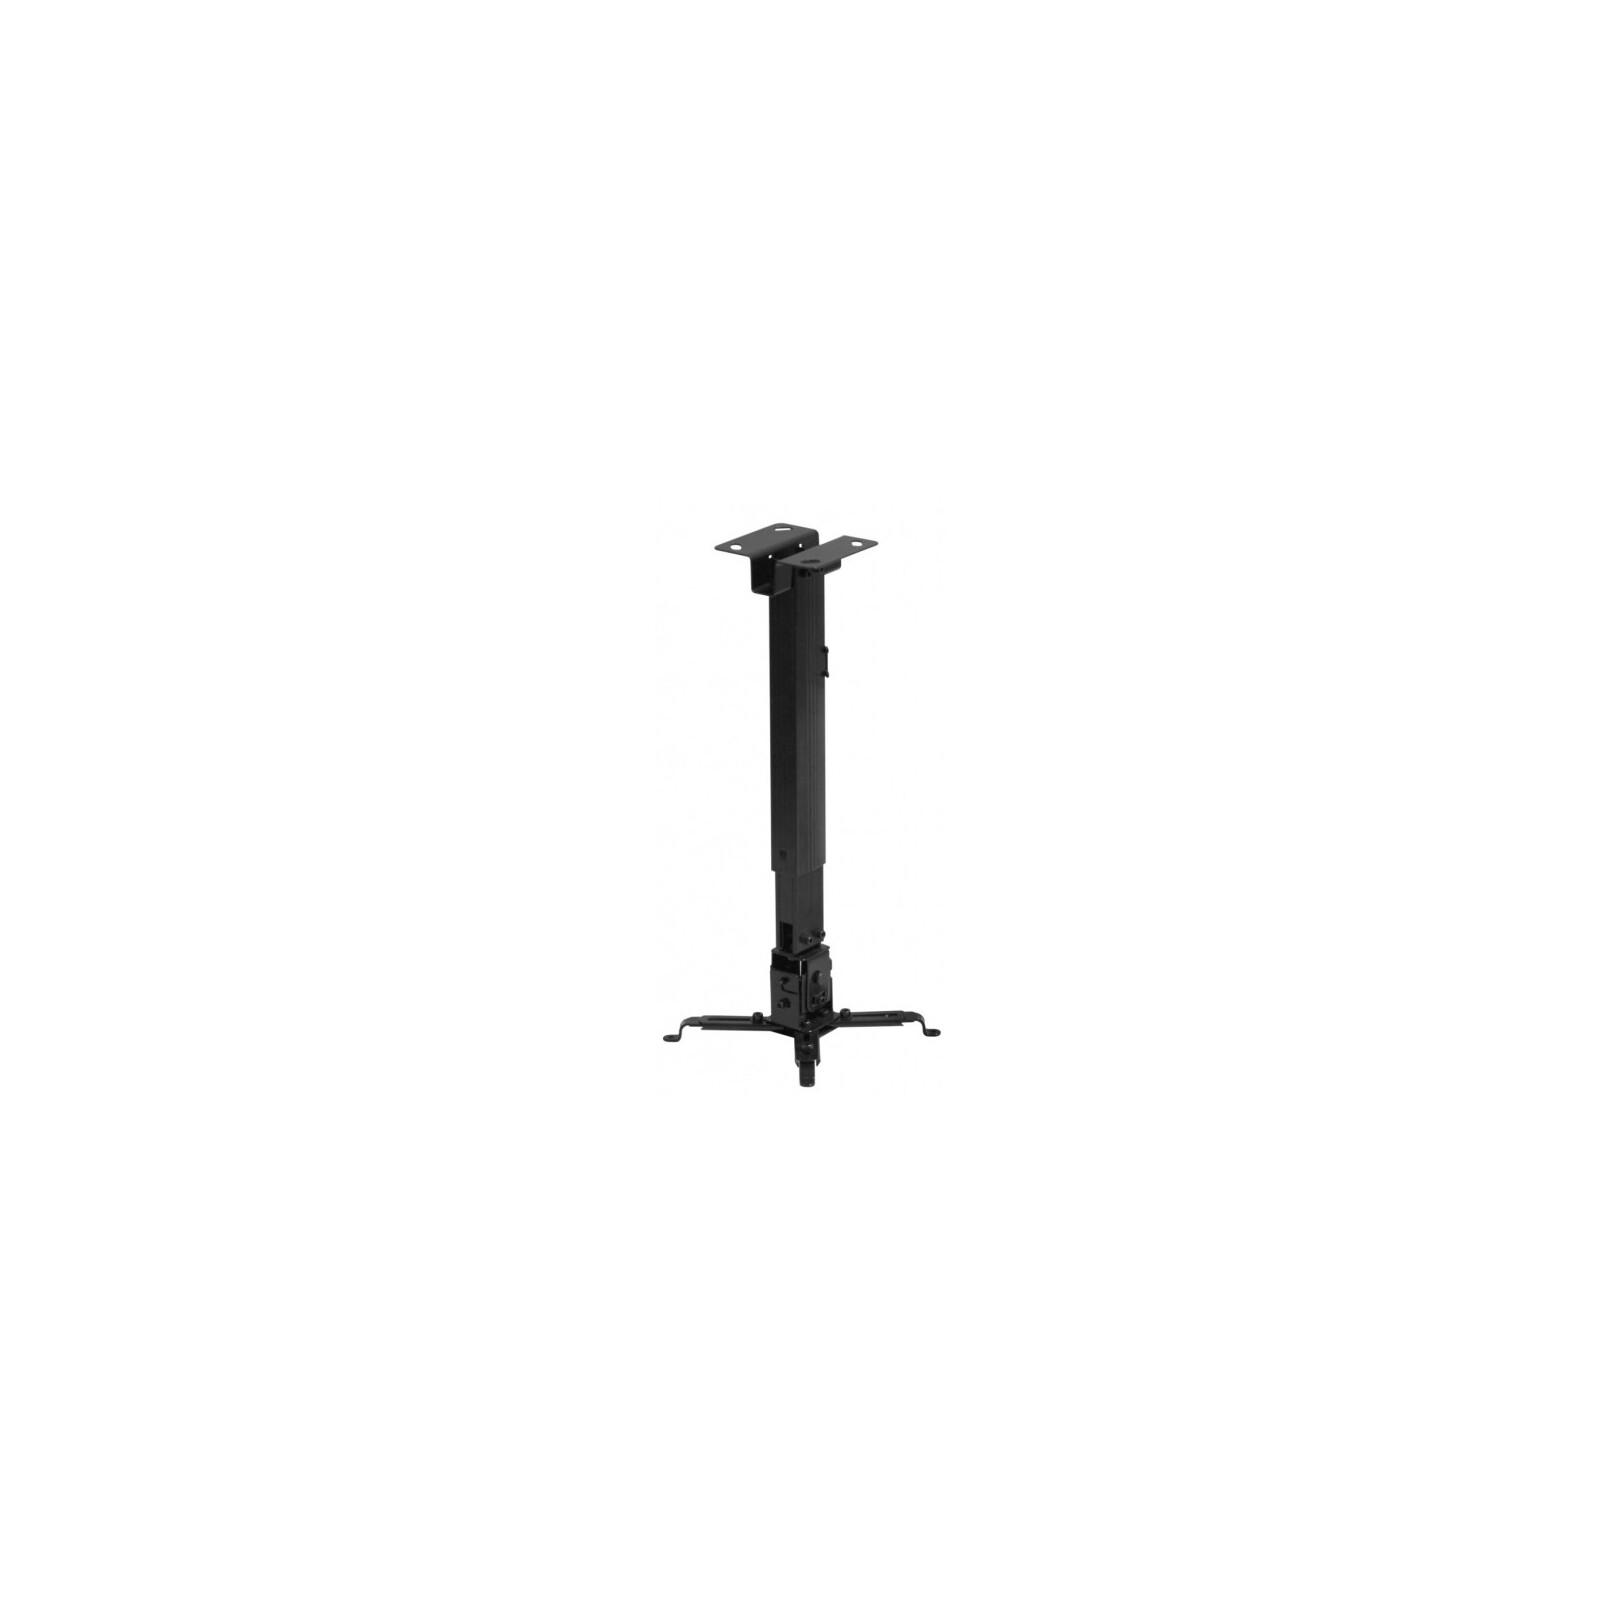 Reflecta Tapa 430-650mm Halterung schwarz